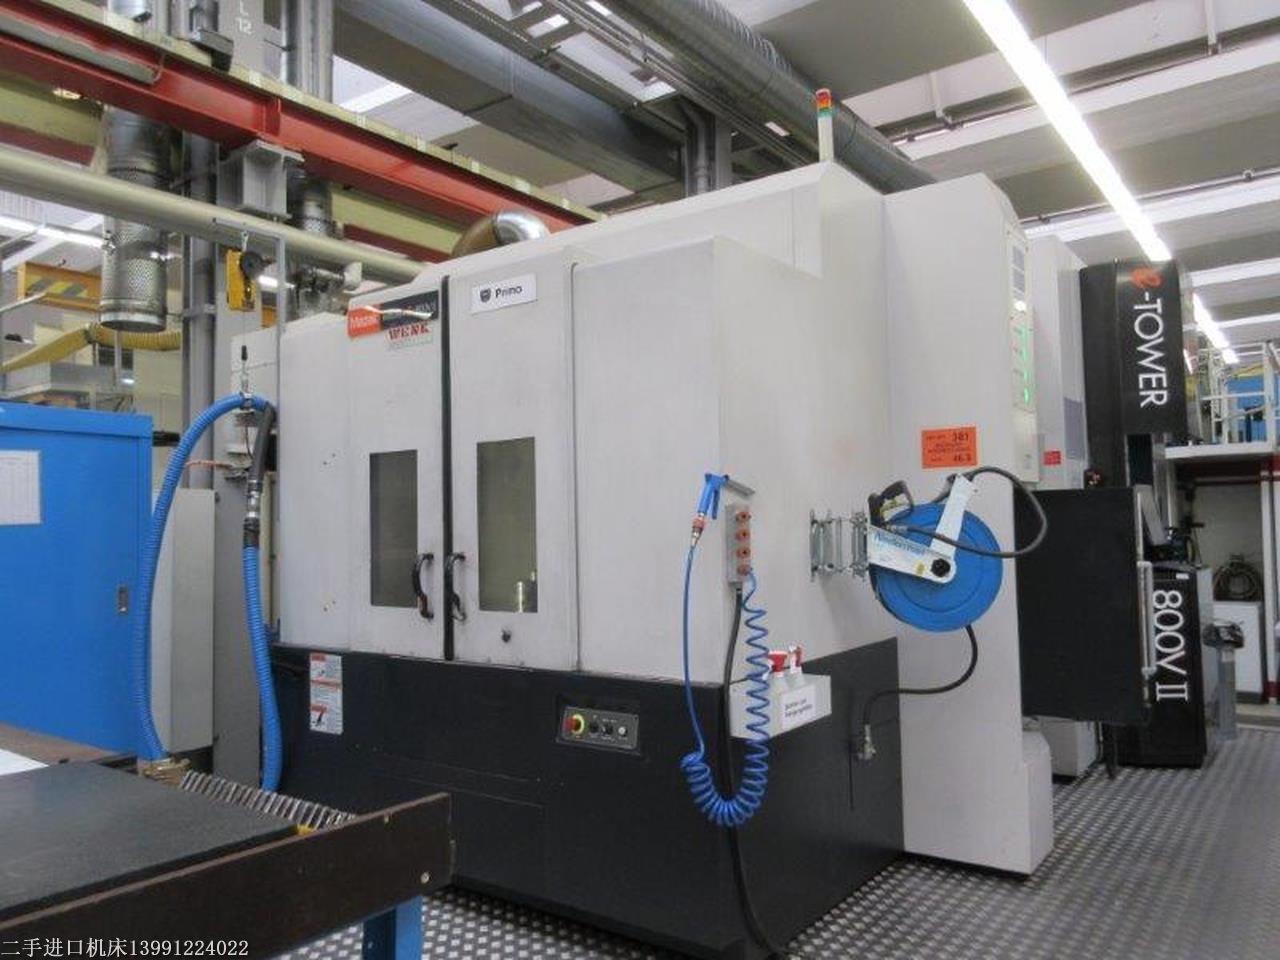 供应泸州二手五轴联动加工中心,二手MAZAK INTEGREX e-800V/5 2PC五轴联动加工中心